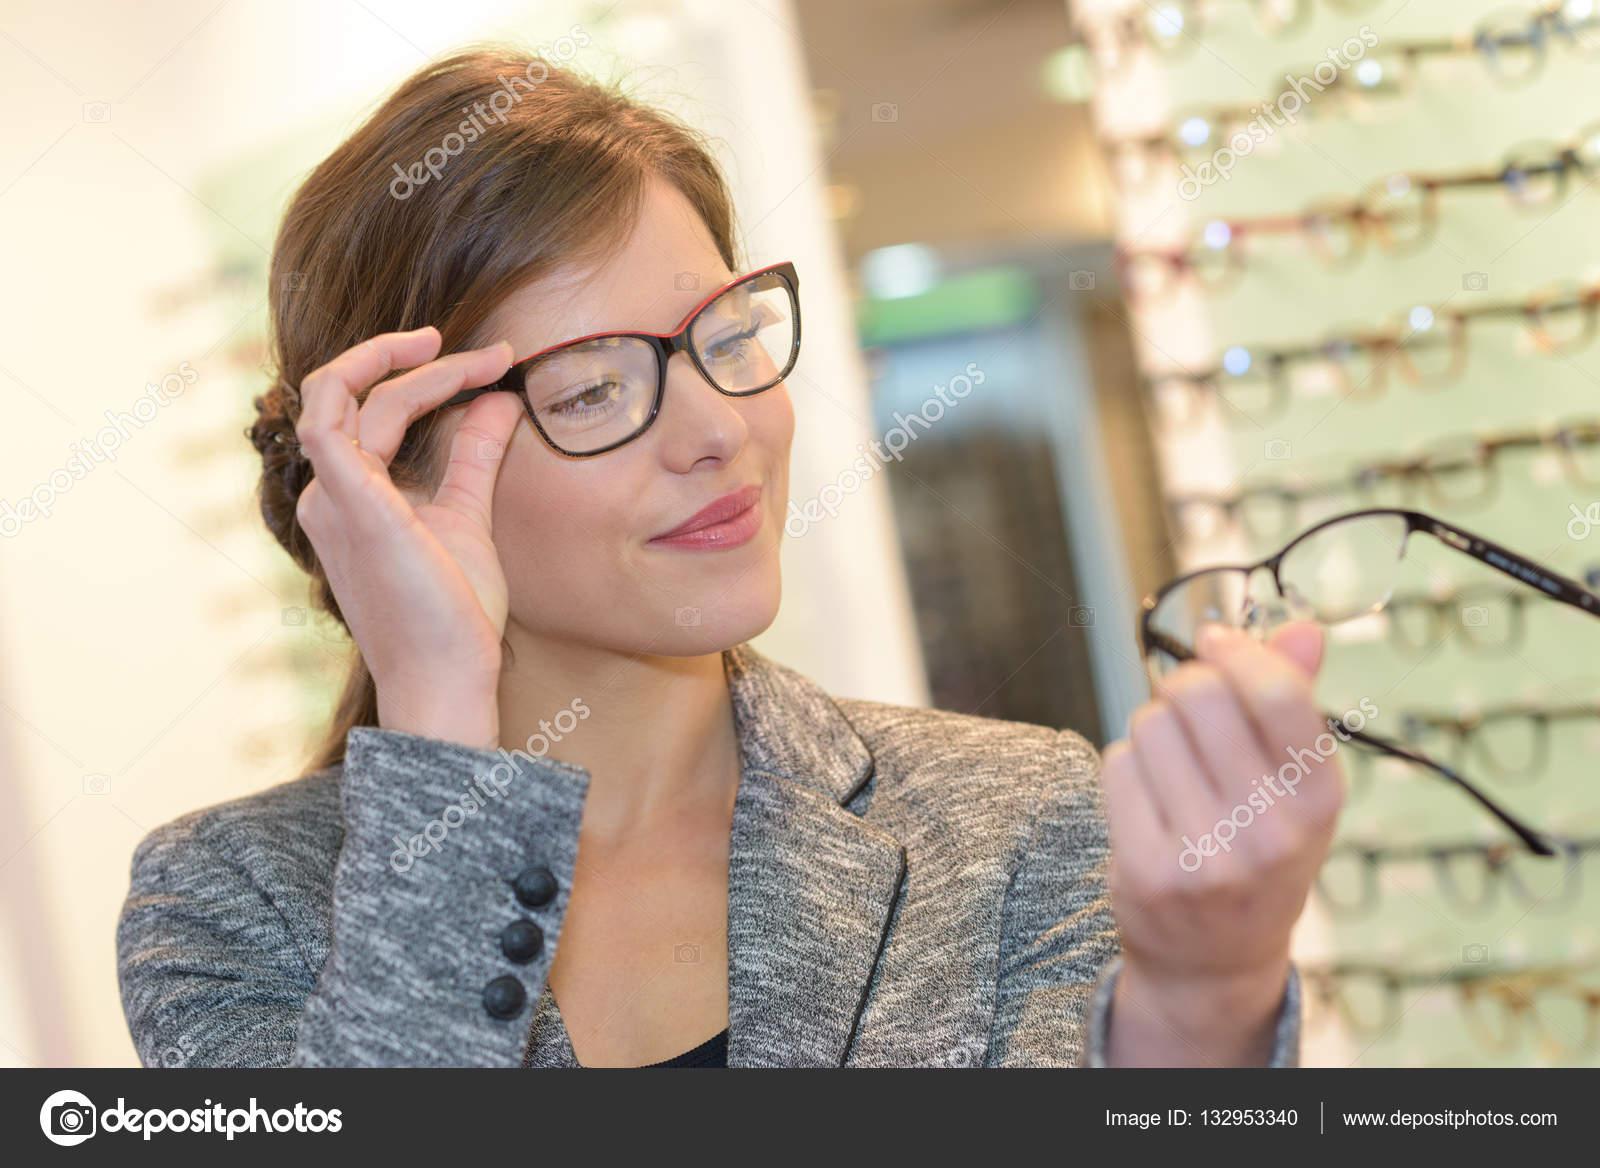 fc337232f45ea comparando dois óculos e ótica — Stock Photo © photography33  132953340